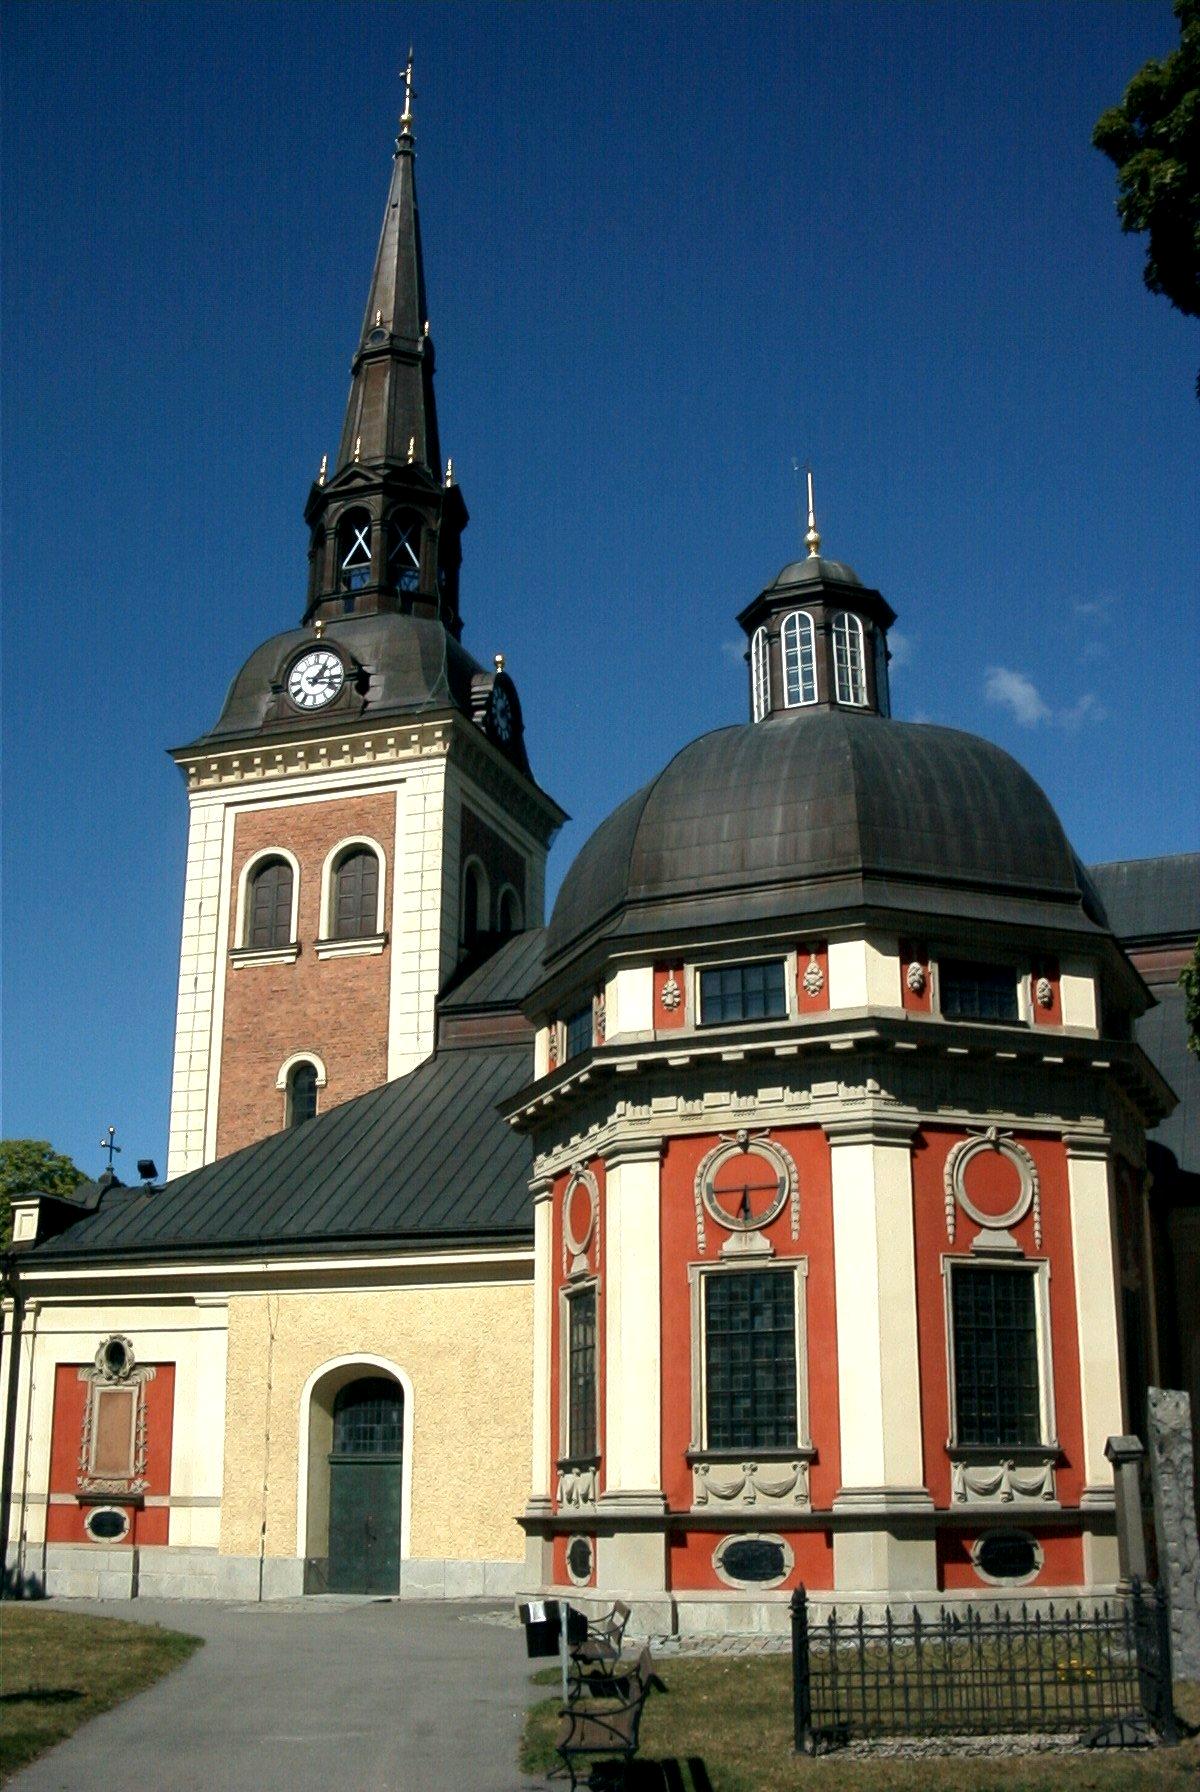 Tveta kyrka, Sdermanland Wikipedia